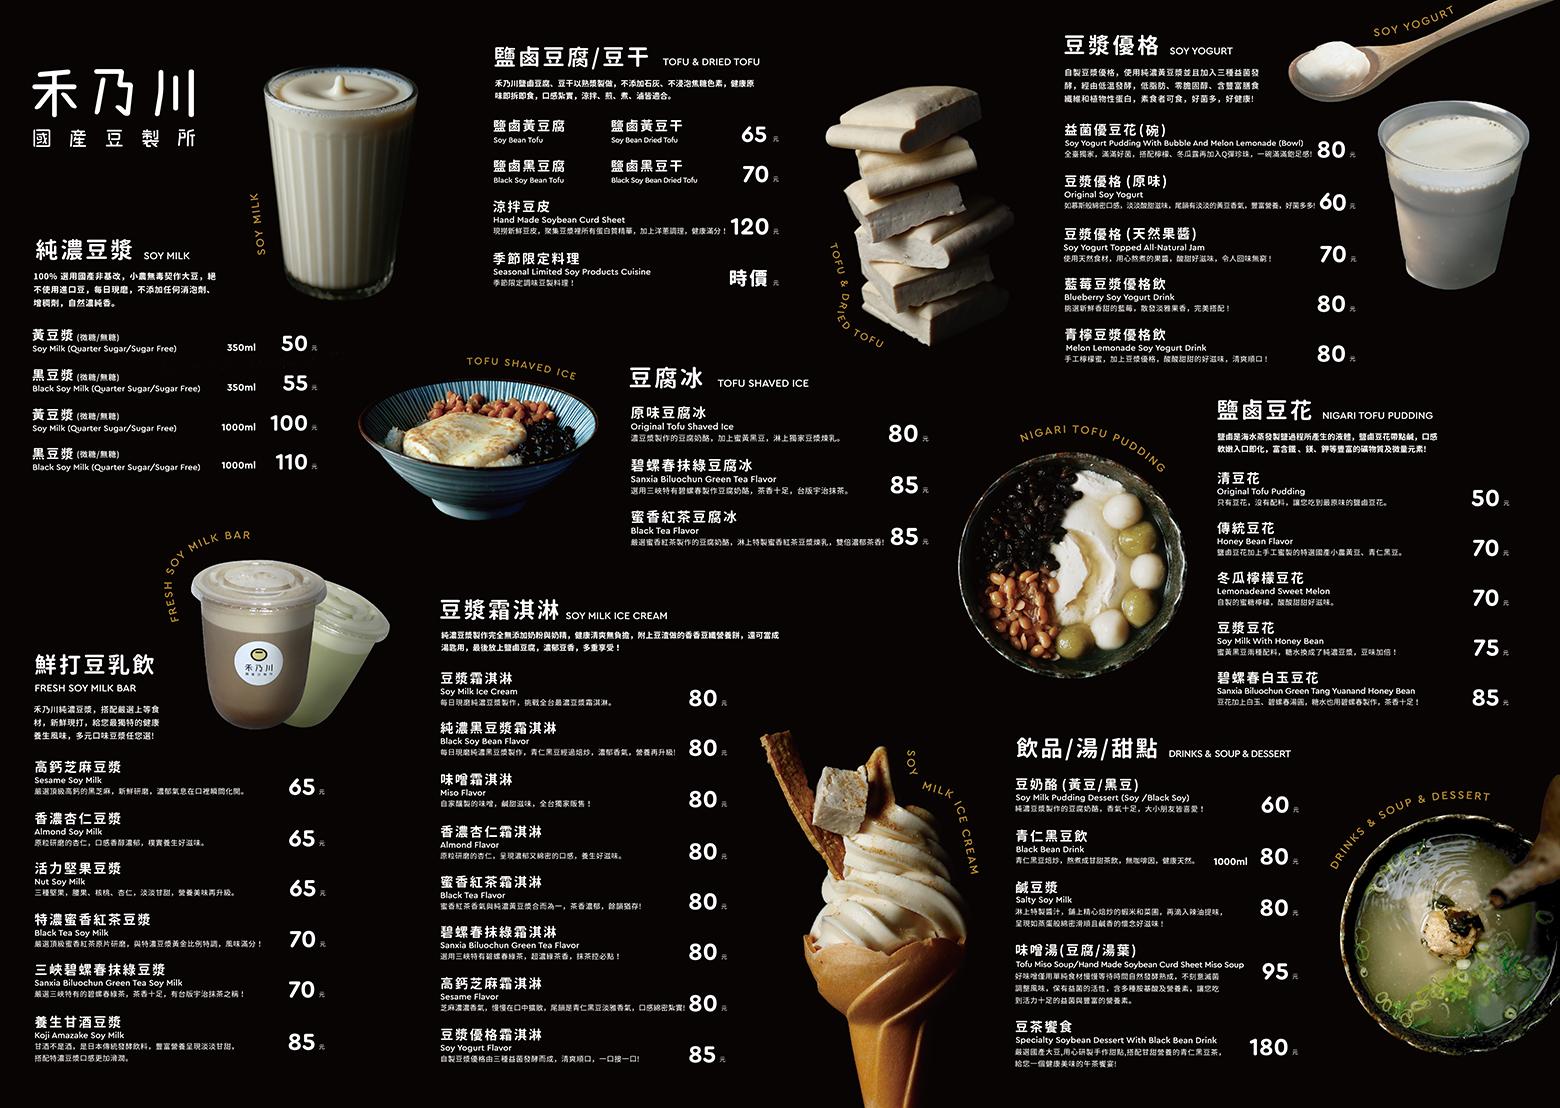 禾乃川國產豆製所,三峽本店門市菜單0420.jpg